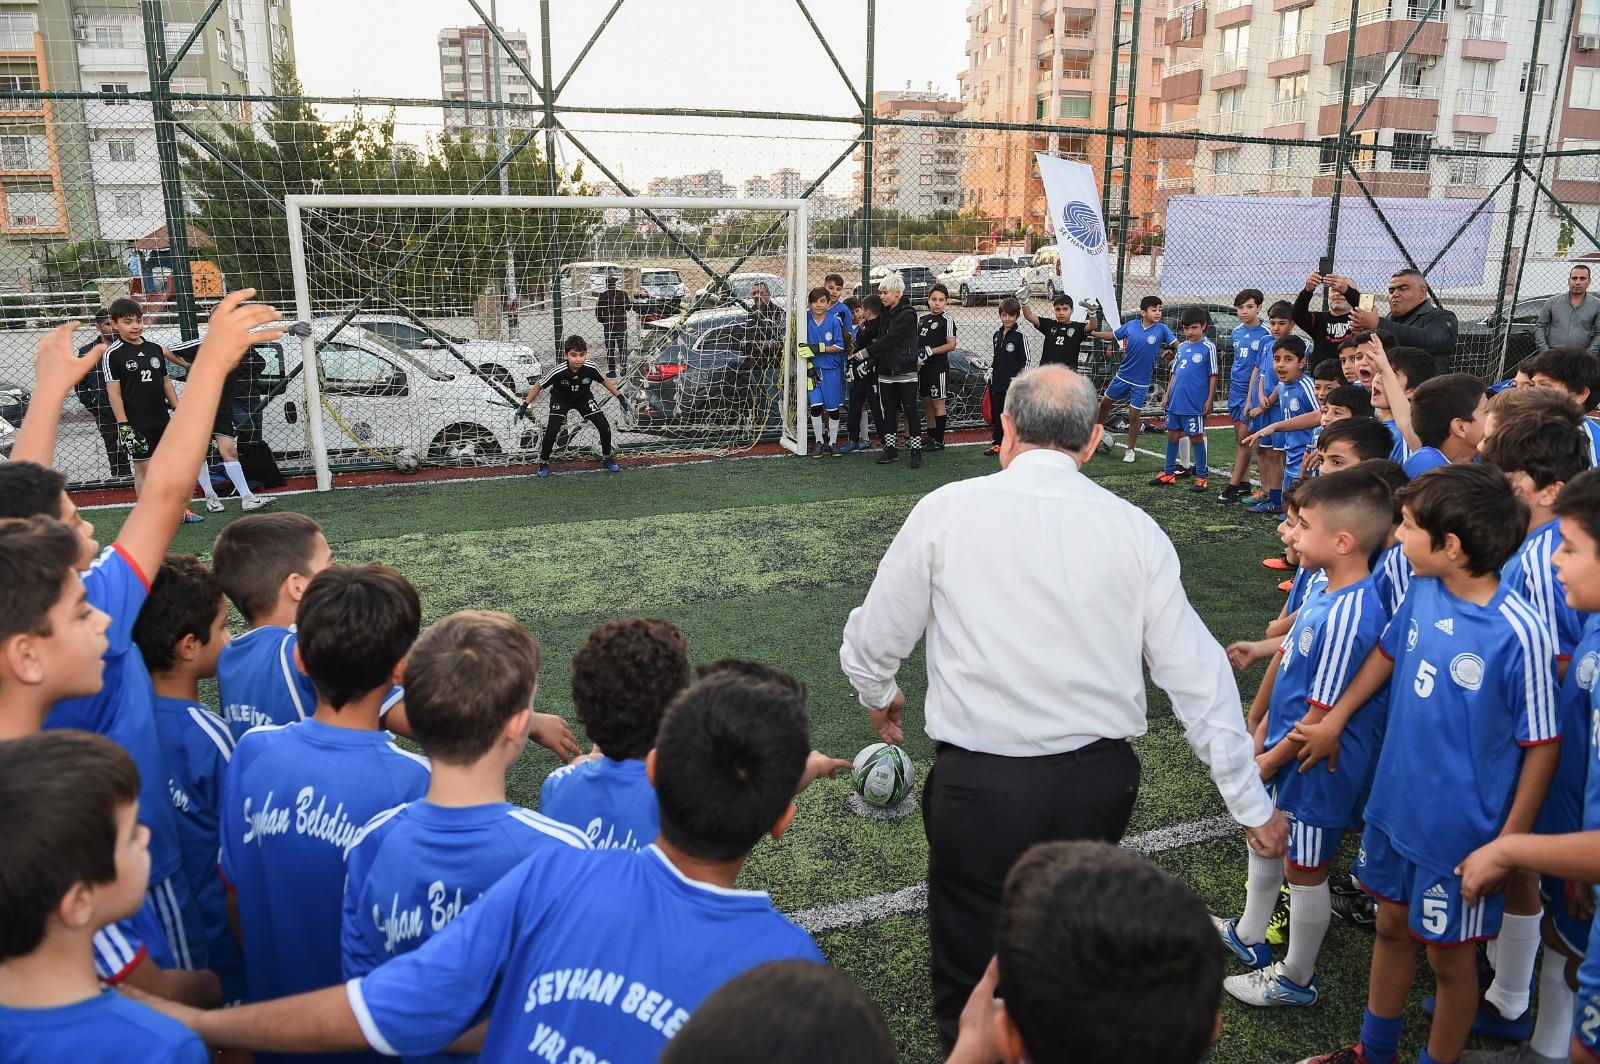 Seyhan'dan Halı Saha Futbol Turnuvası, şölene dönüştü